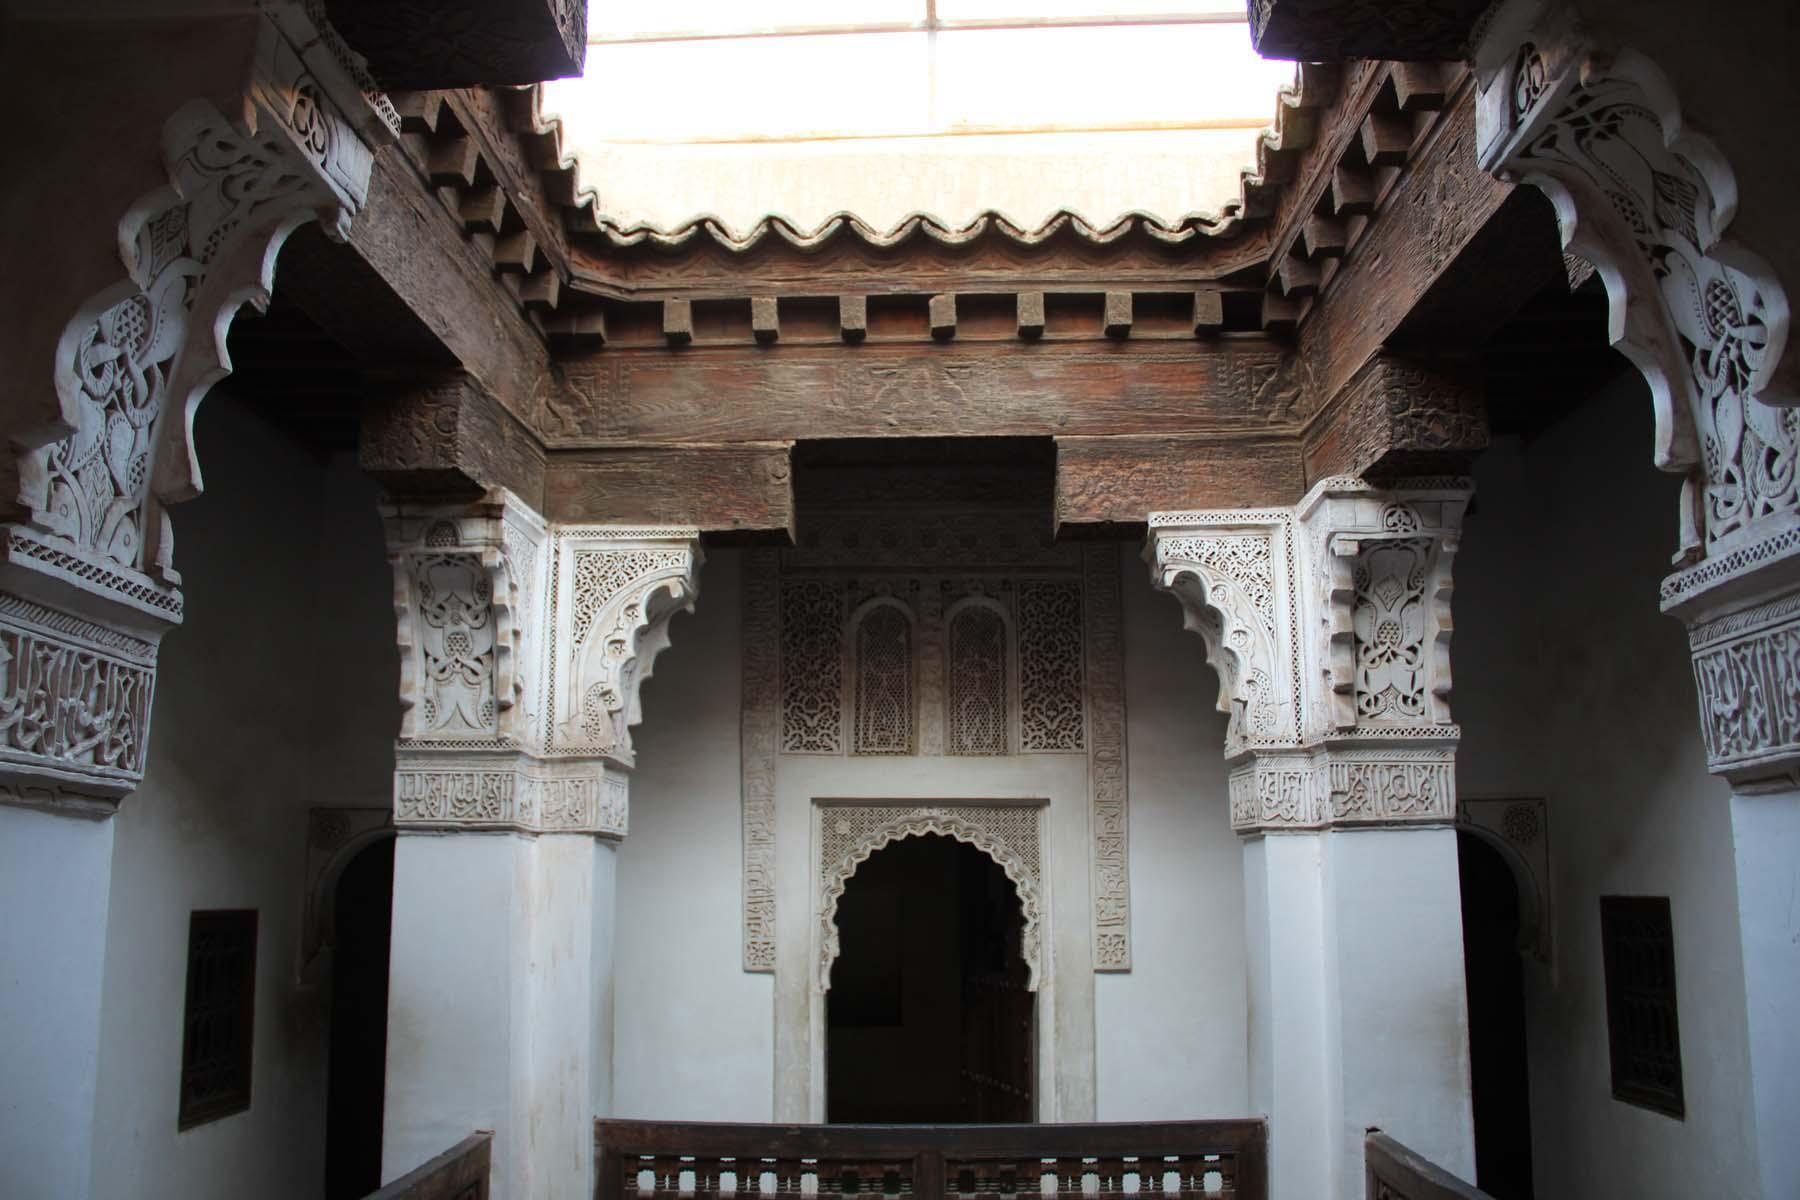 Dorms ceiling in the Ben Youssef Madrasa in Marrakech